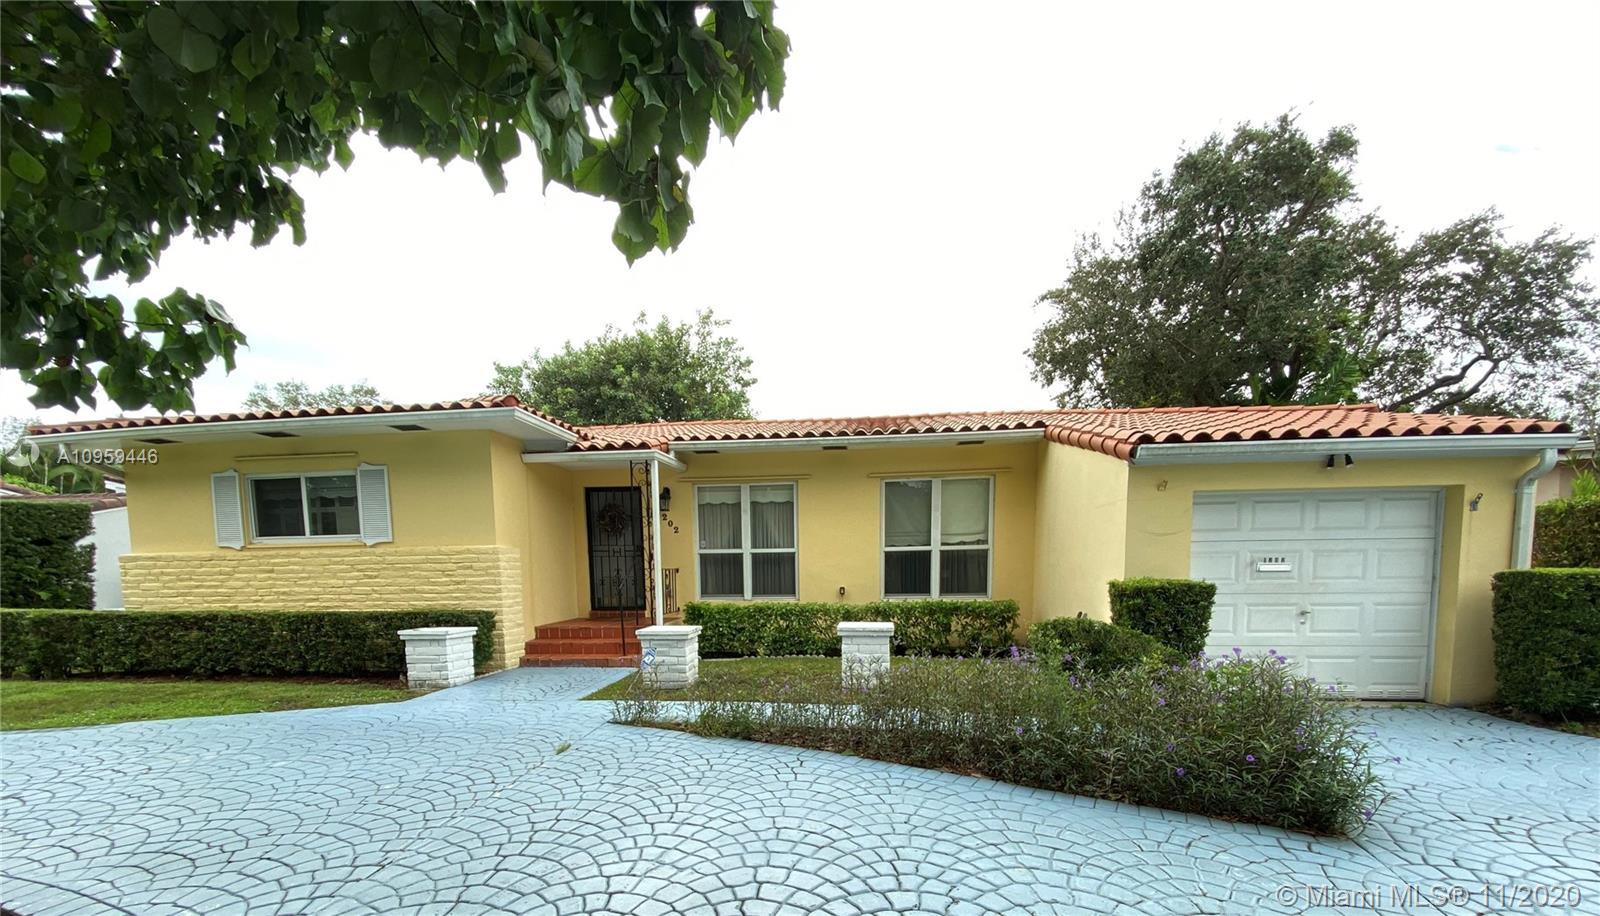 1202 NE 93rd St, Miami Shores, Florida 33138